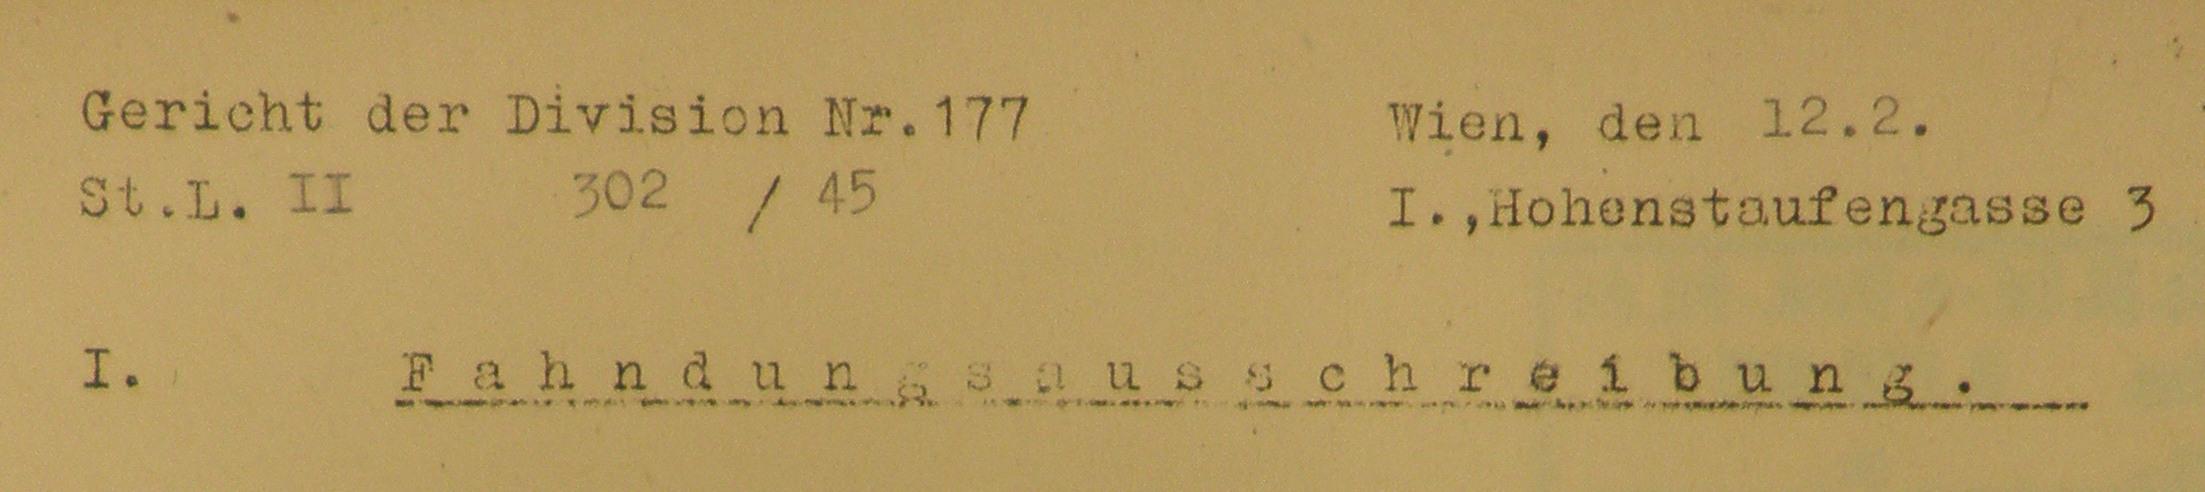 Briefkopf des Gerichts der Divison 177, Standort Hohenstaufengasse 3 (Quelle: DÖW)